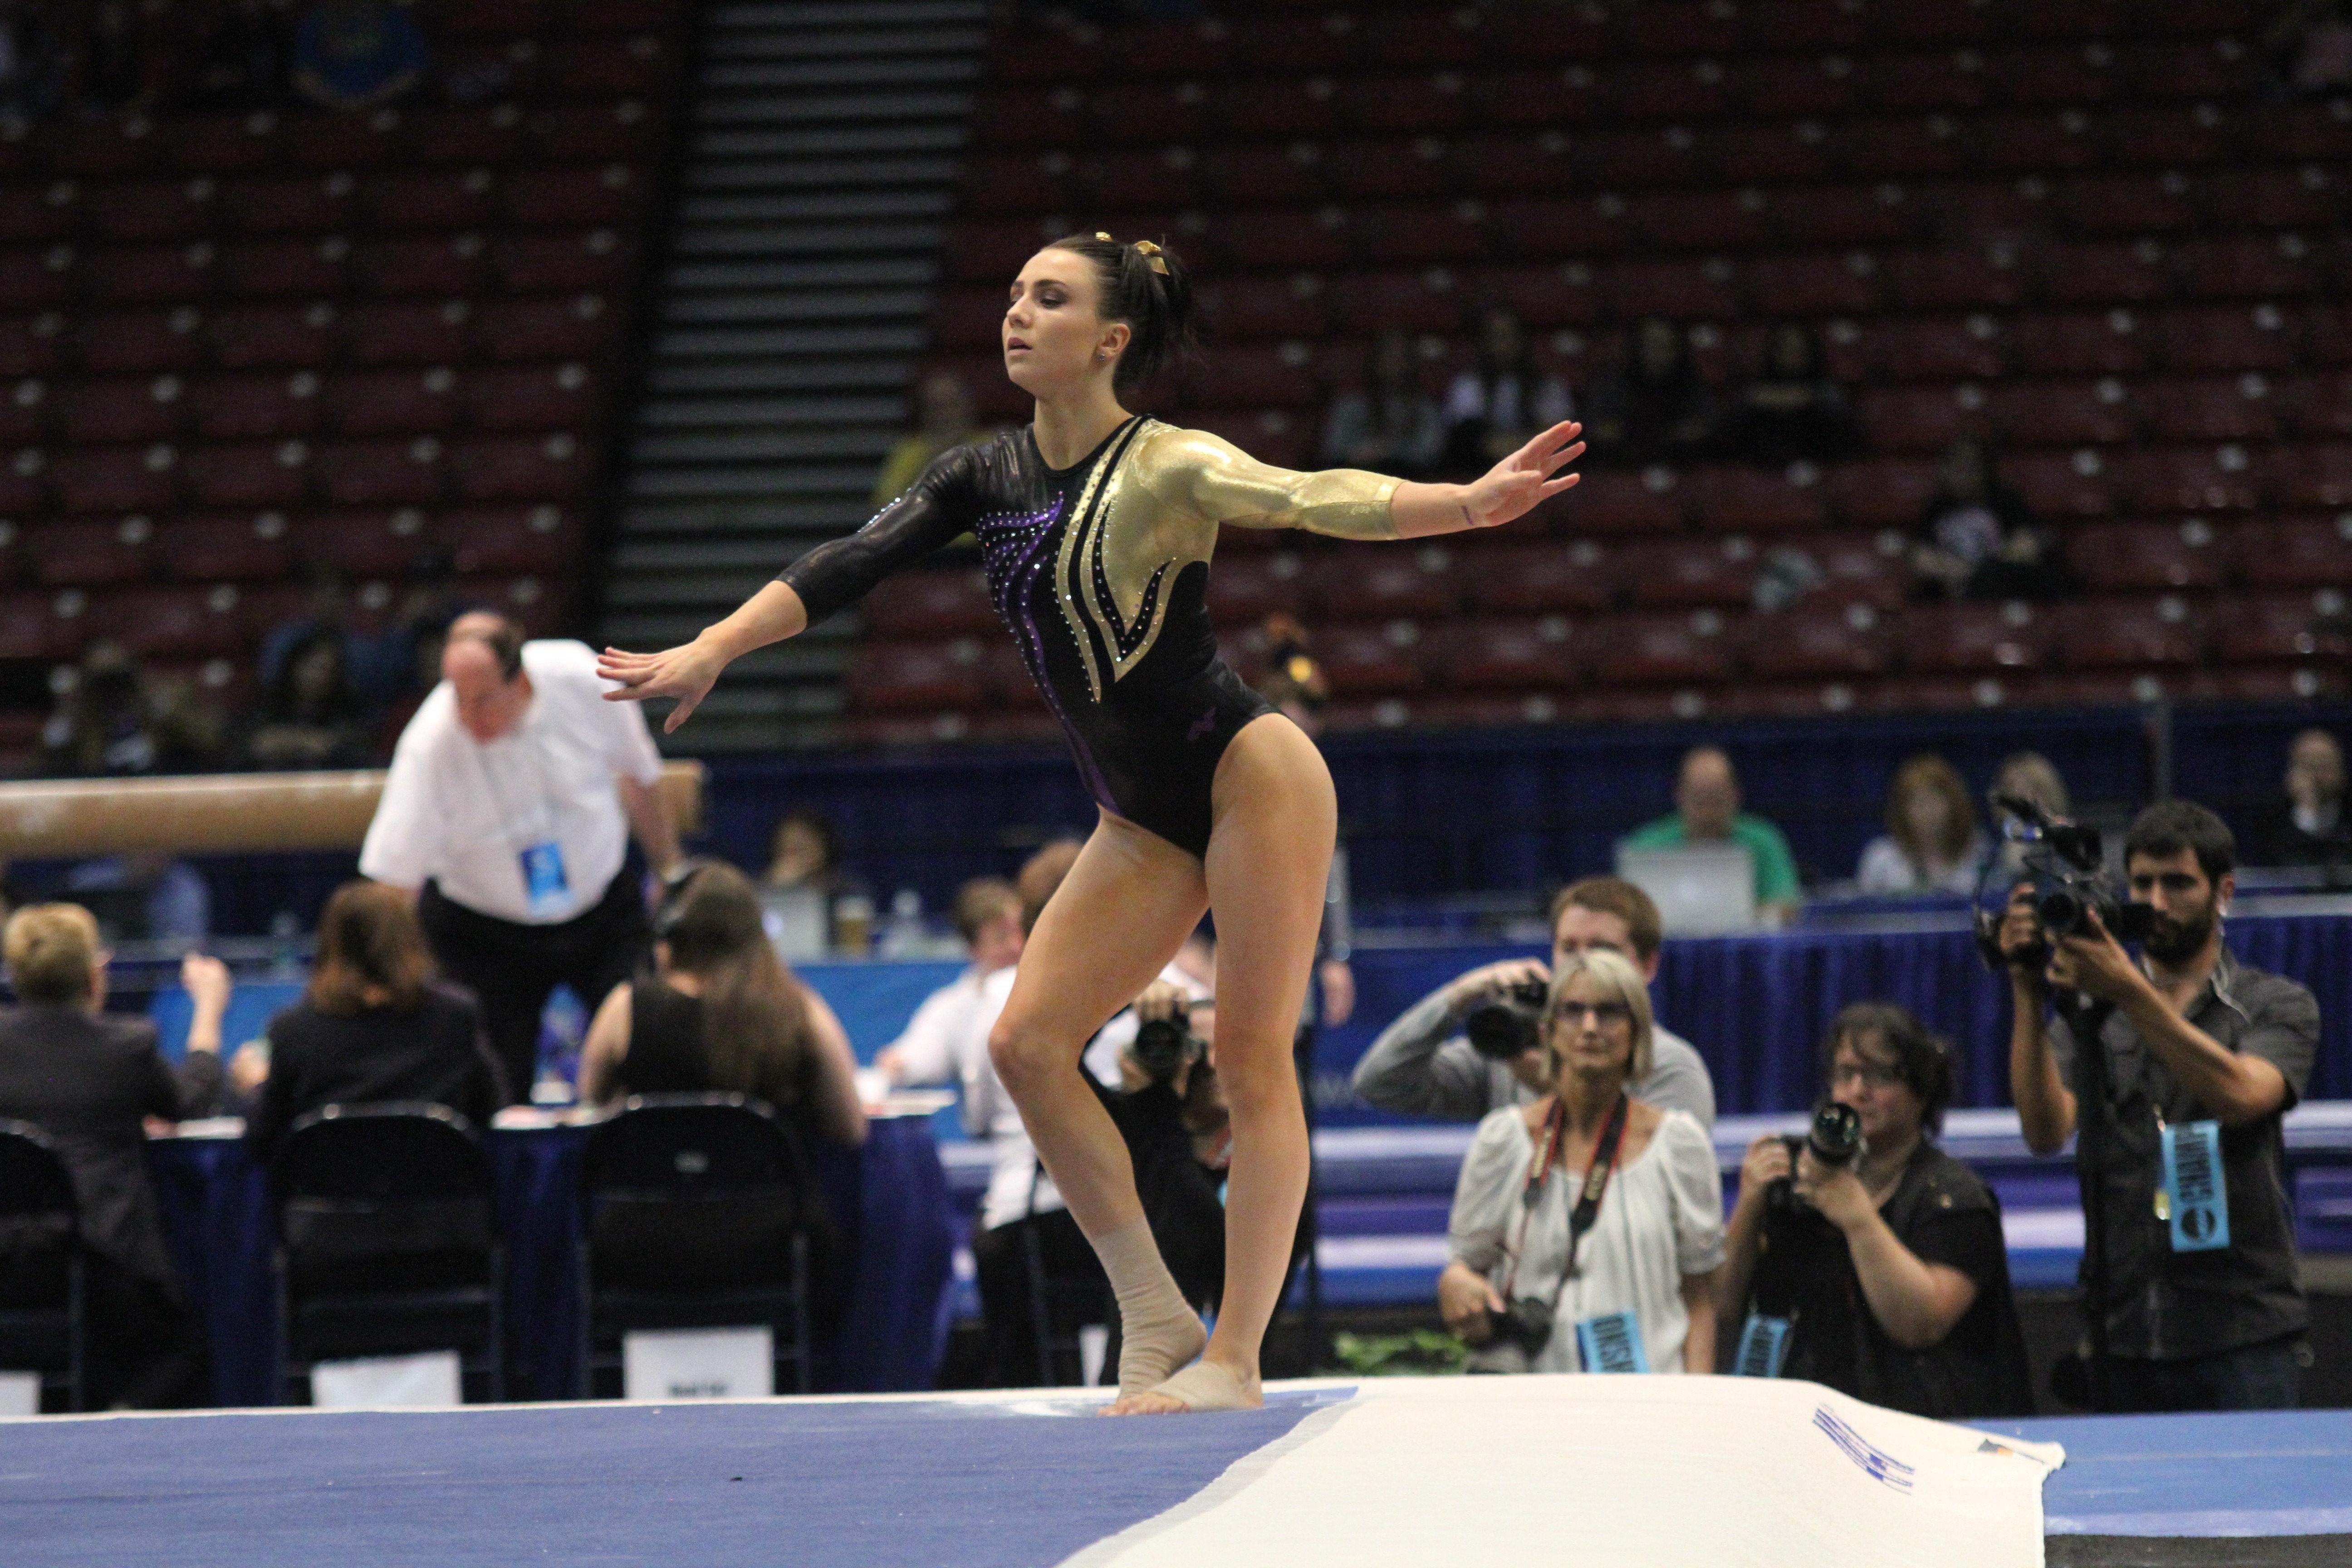 NCAA GYMNASTICS: APR 18 NCAA Women's Gymnastics Championships